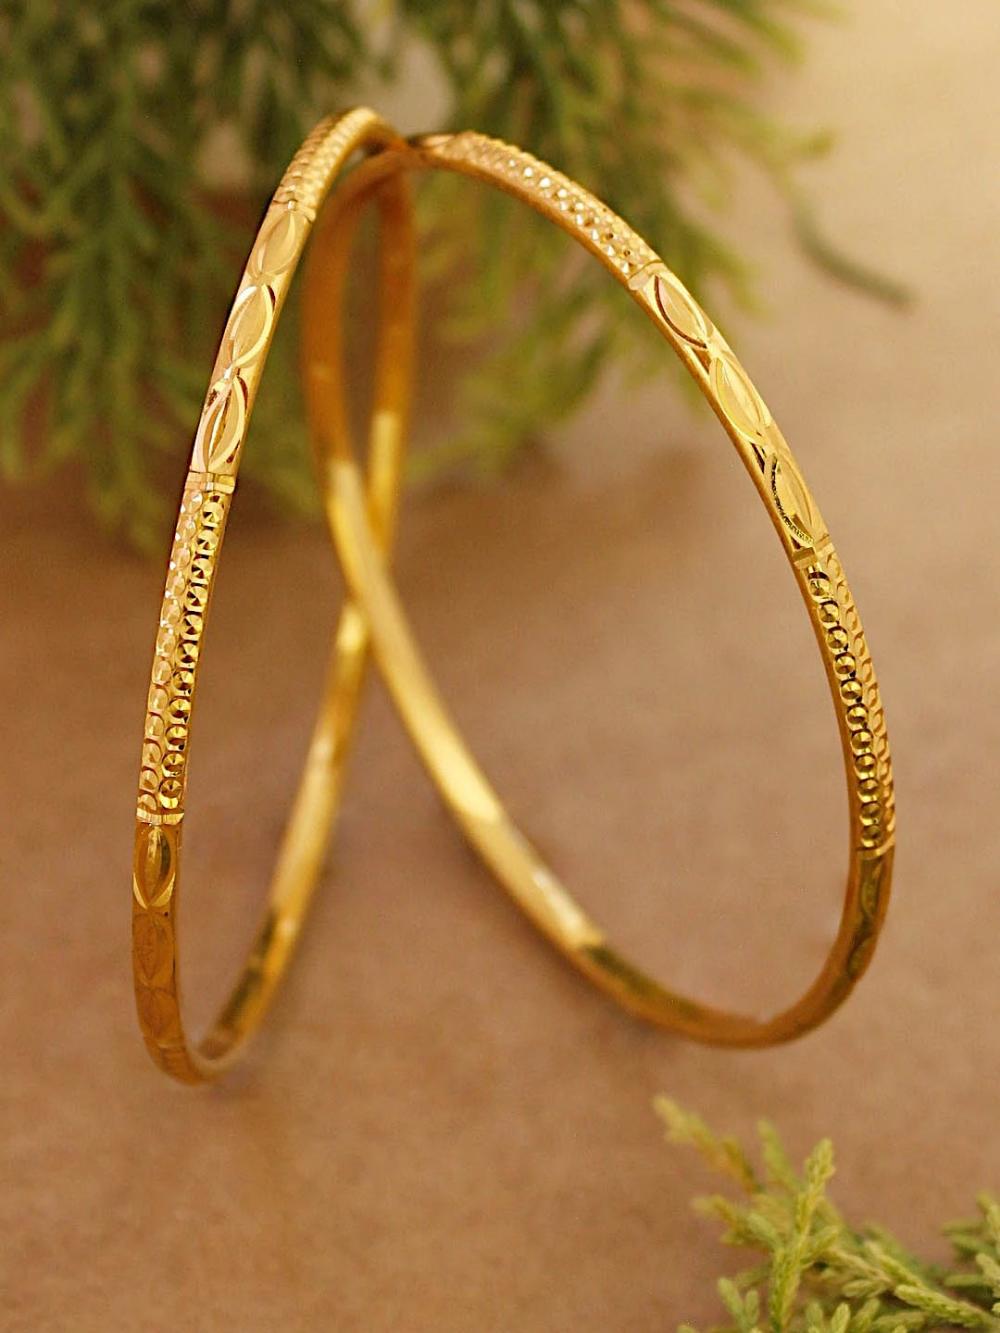 Avismaya Gold Plated Daily Use Thin Bangles – Jumkey Fashion Jewellery